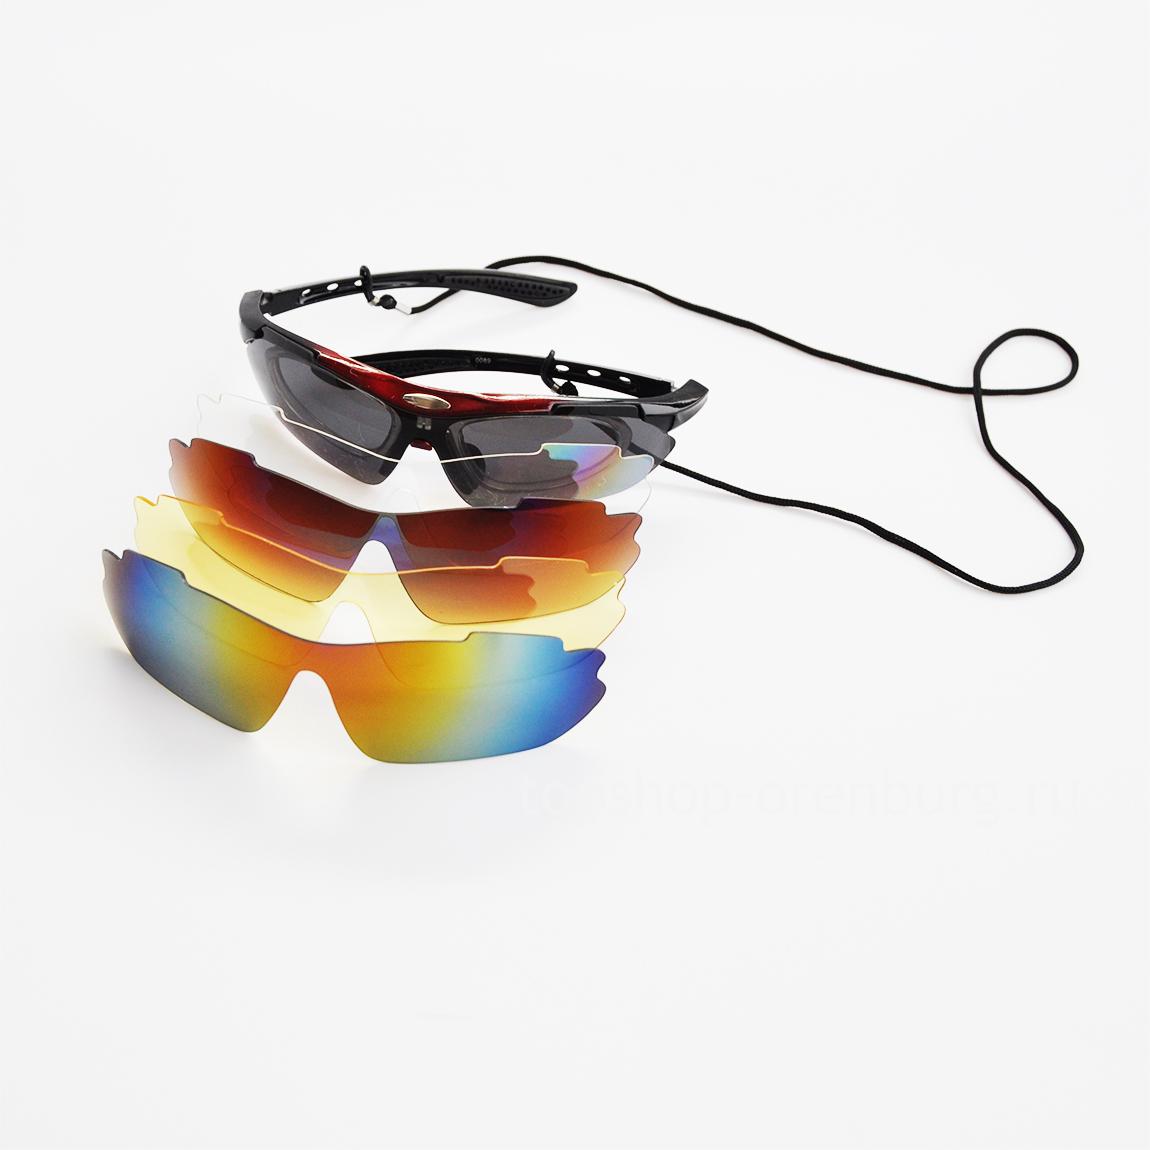 88810df7d1b6 Купить спортивные поляризационные солнцезащитные очки со сменными стеклами  (5 линз+чехол) BRADEX в интернет магазине ...